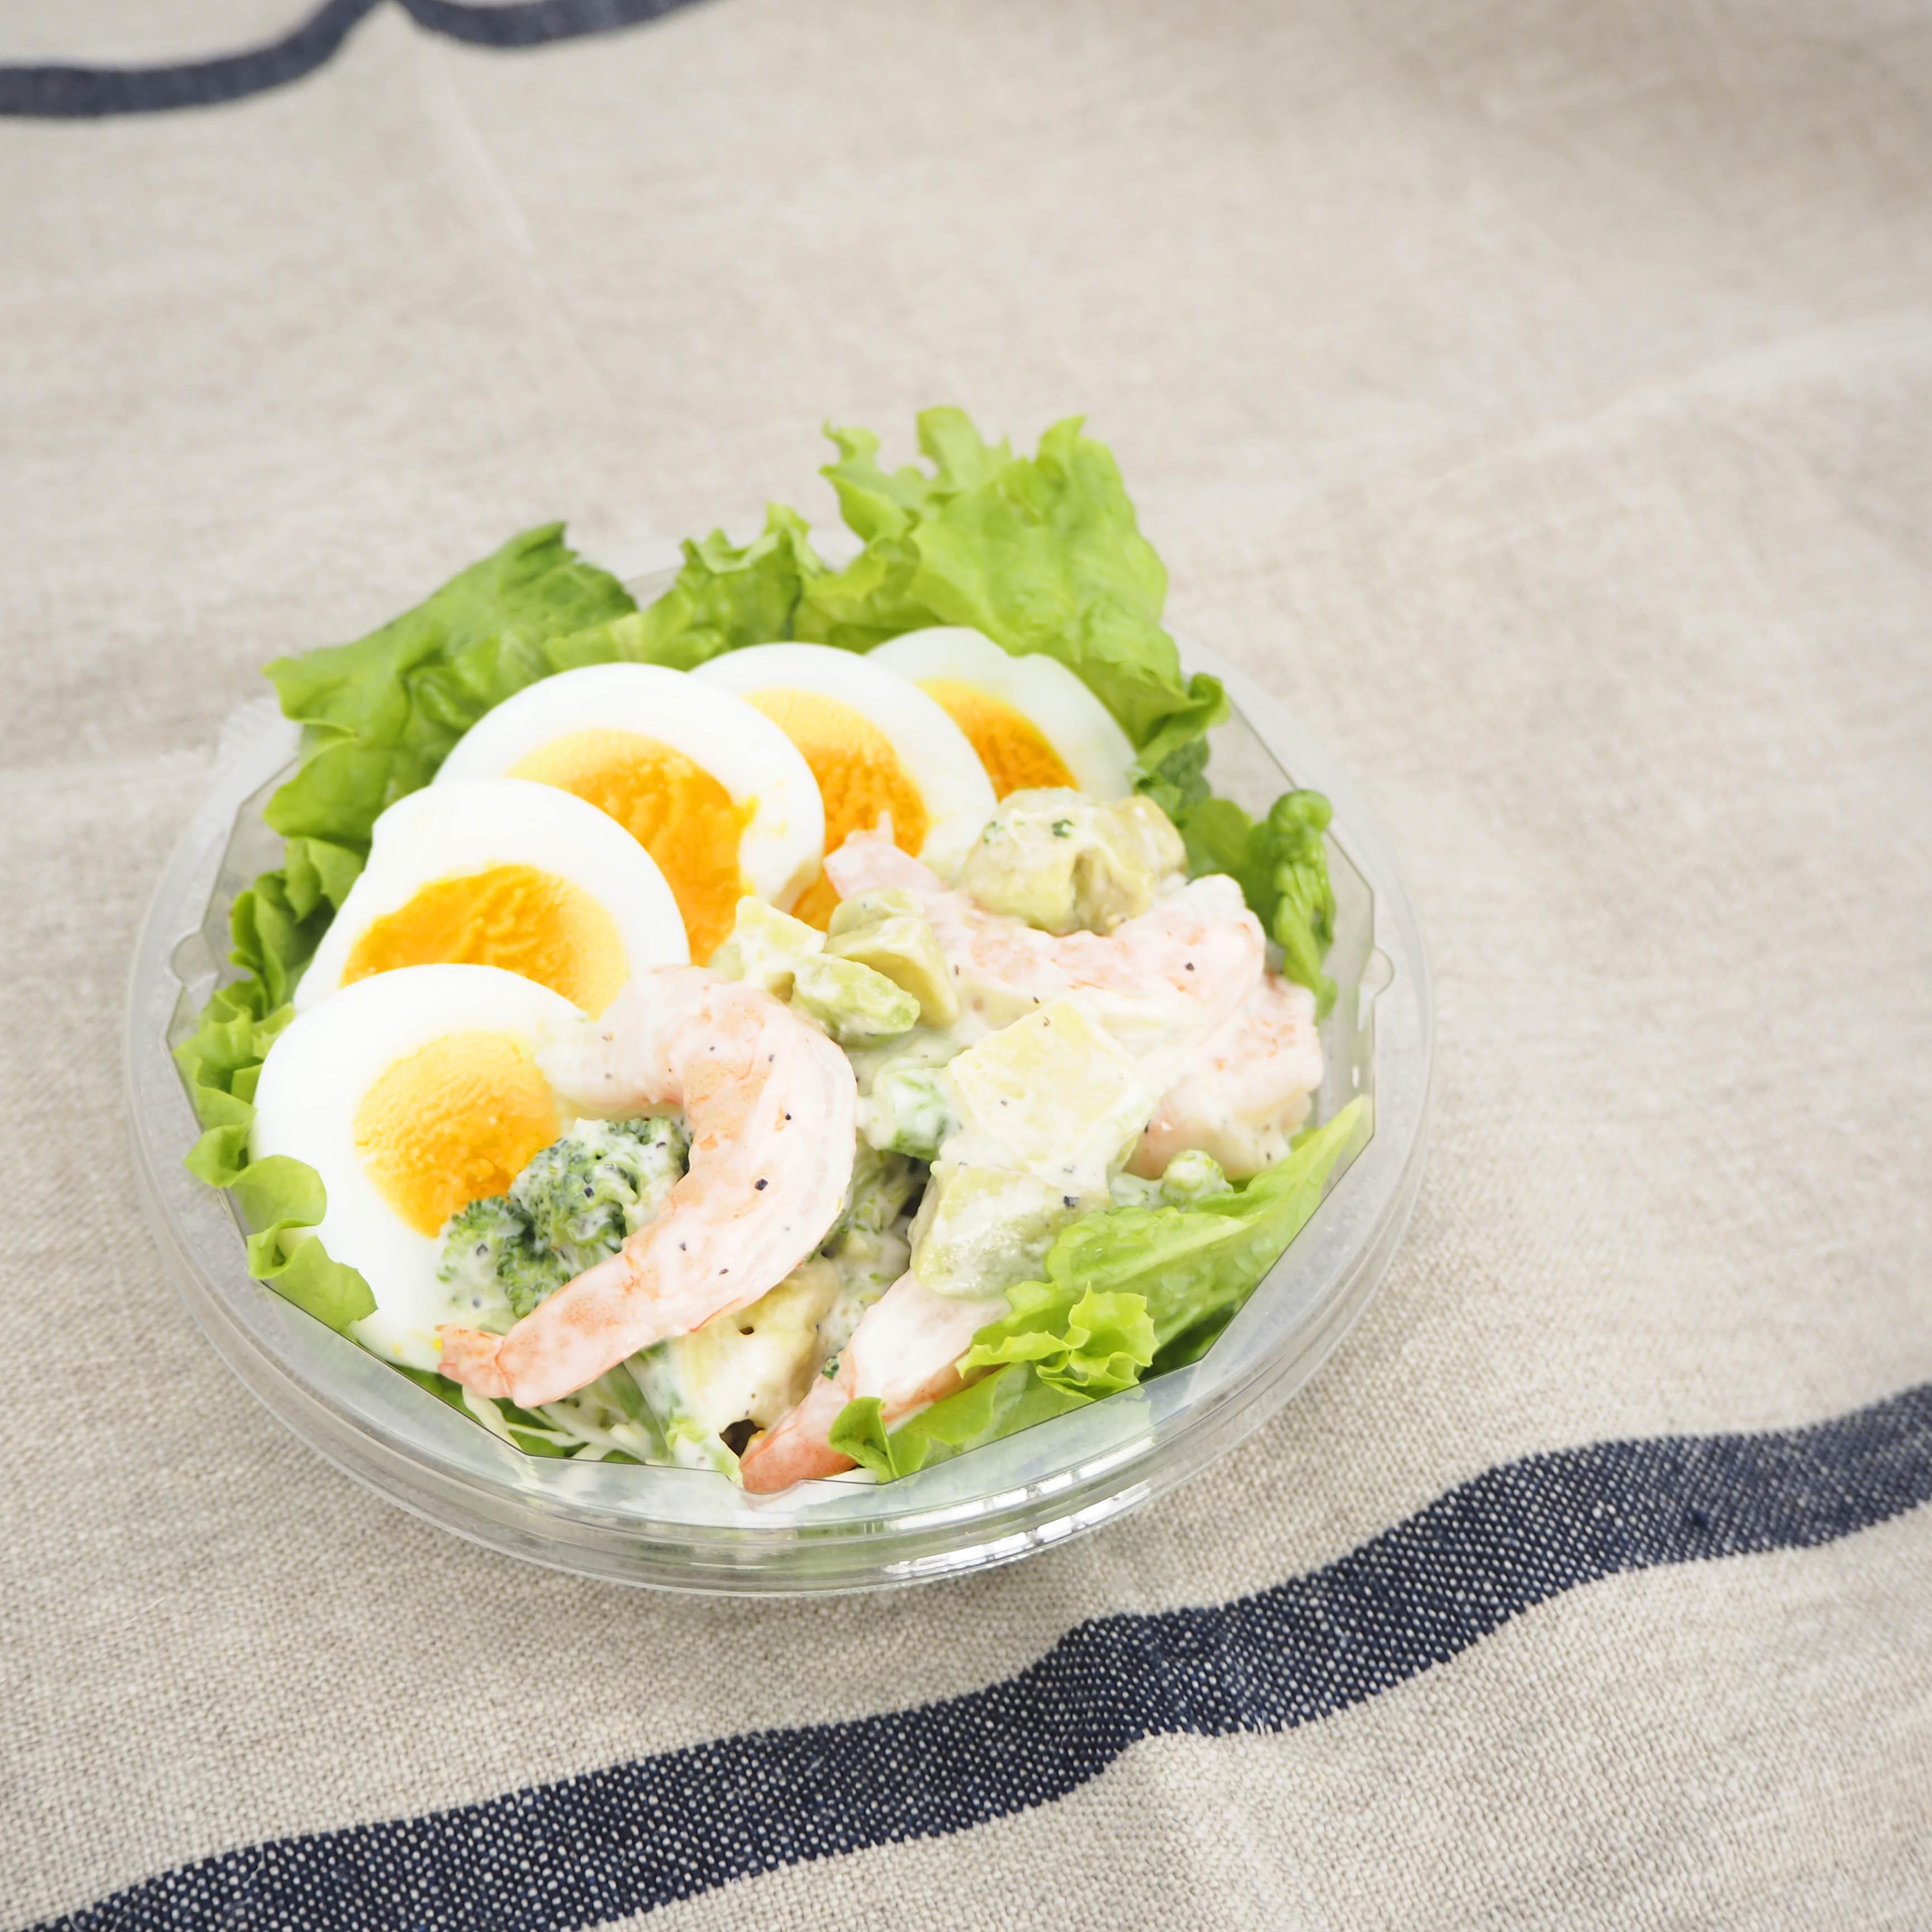 サラダ『えびアボカド』+ドリンクセット画像